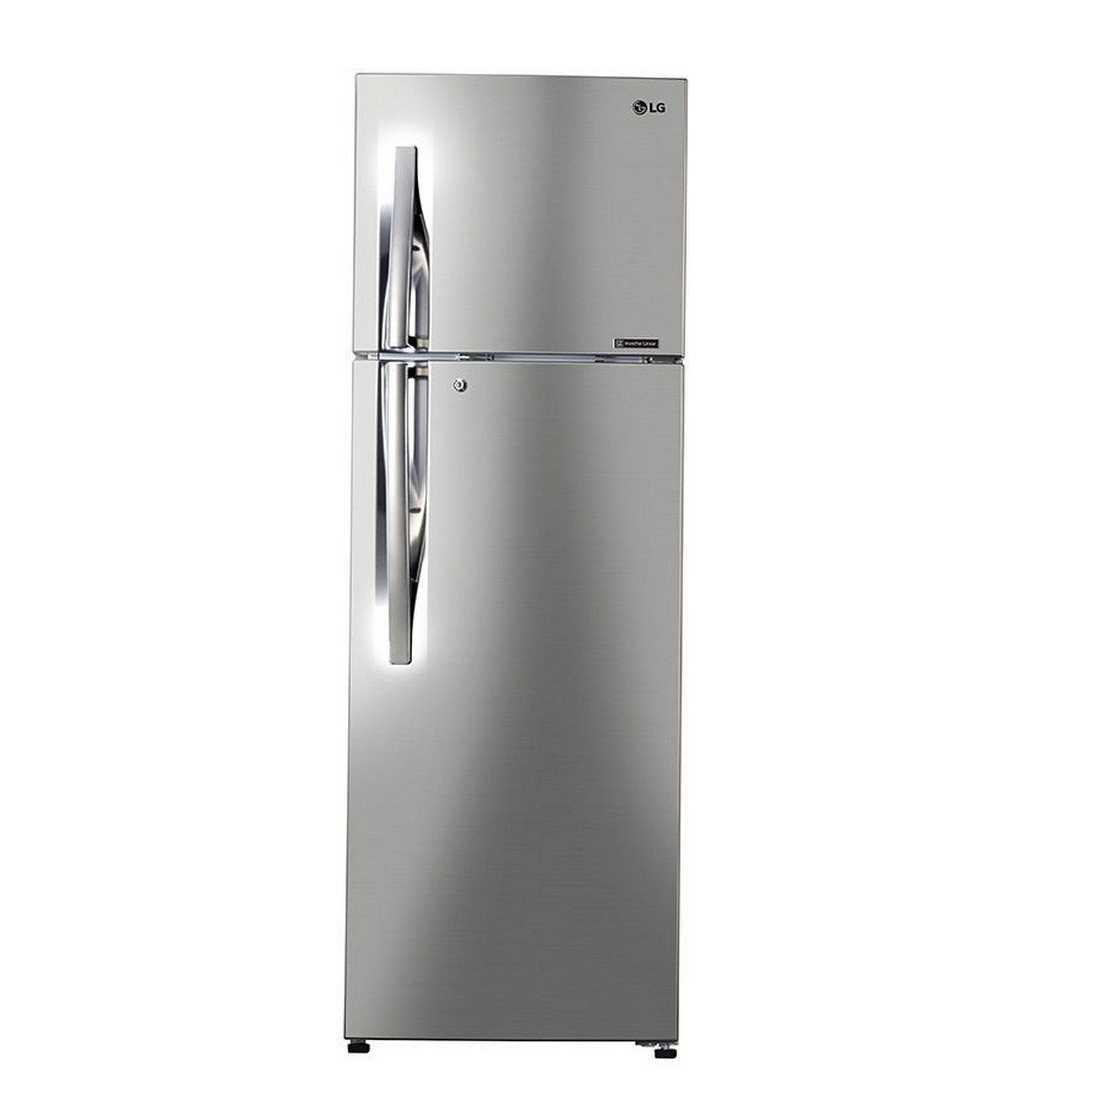 LG GL C302RPZU 284 Litres Frost Free Double Door Refrigerator